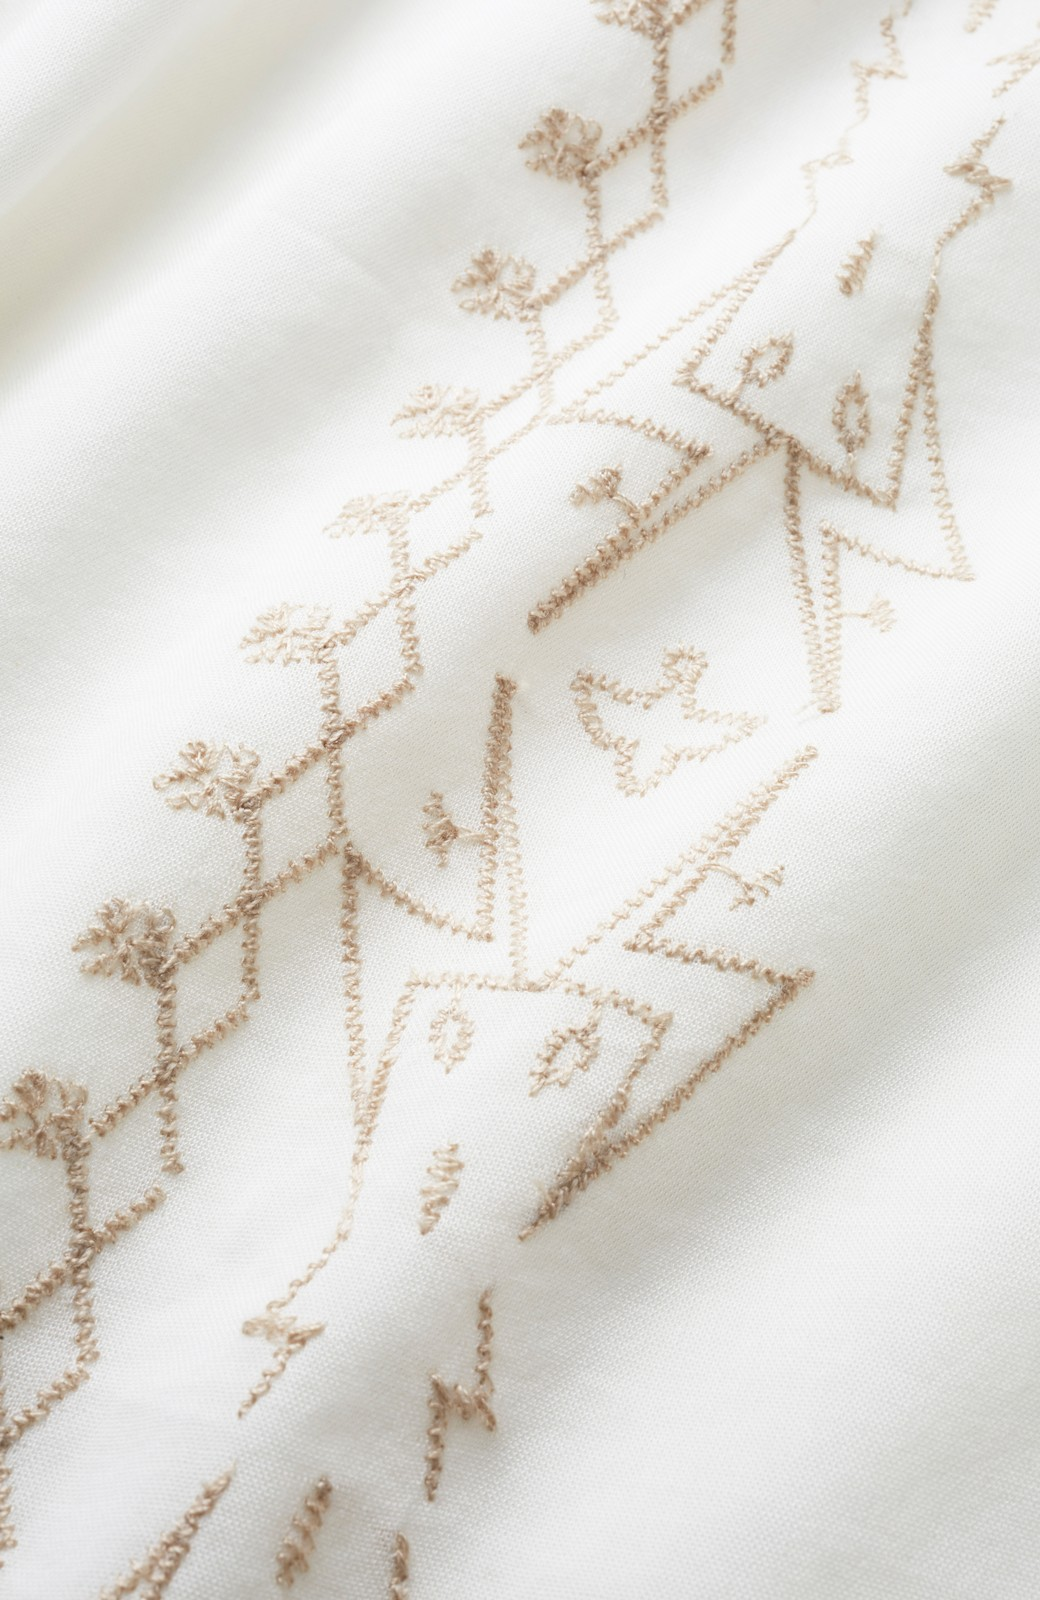 nusy 女っぽく刺しゅうを楽しむギャザーブラウス  <ホワイト>の商品写真2